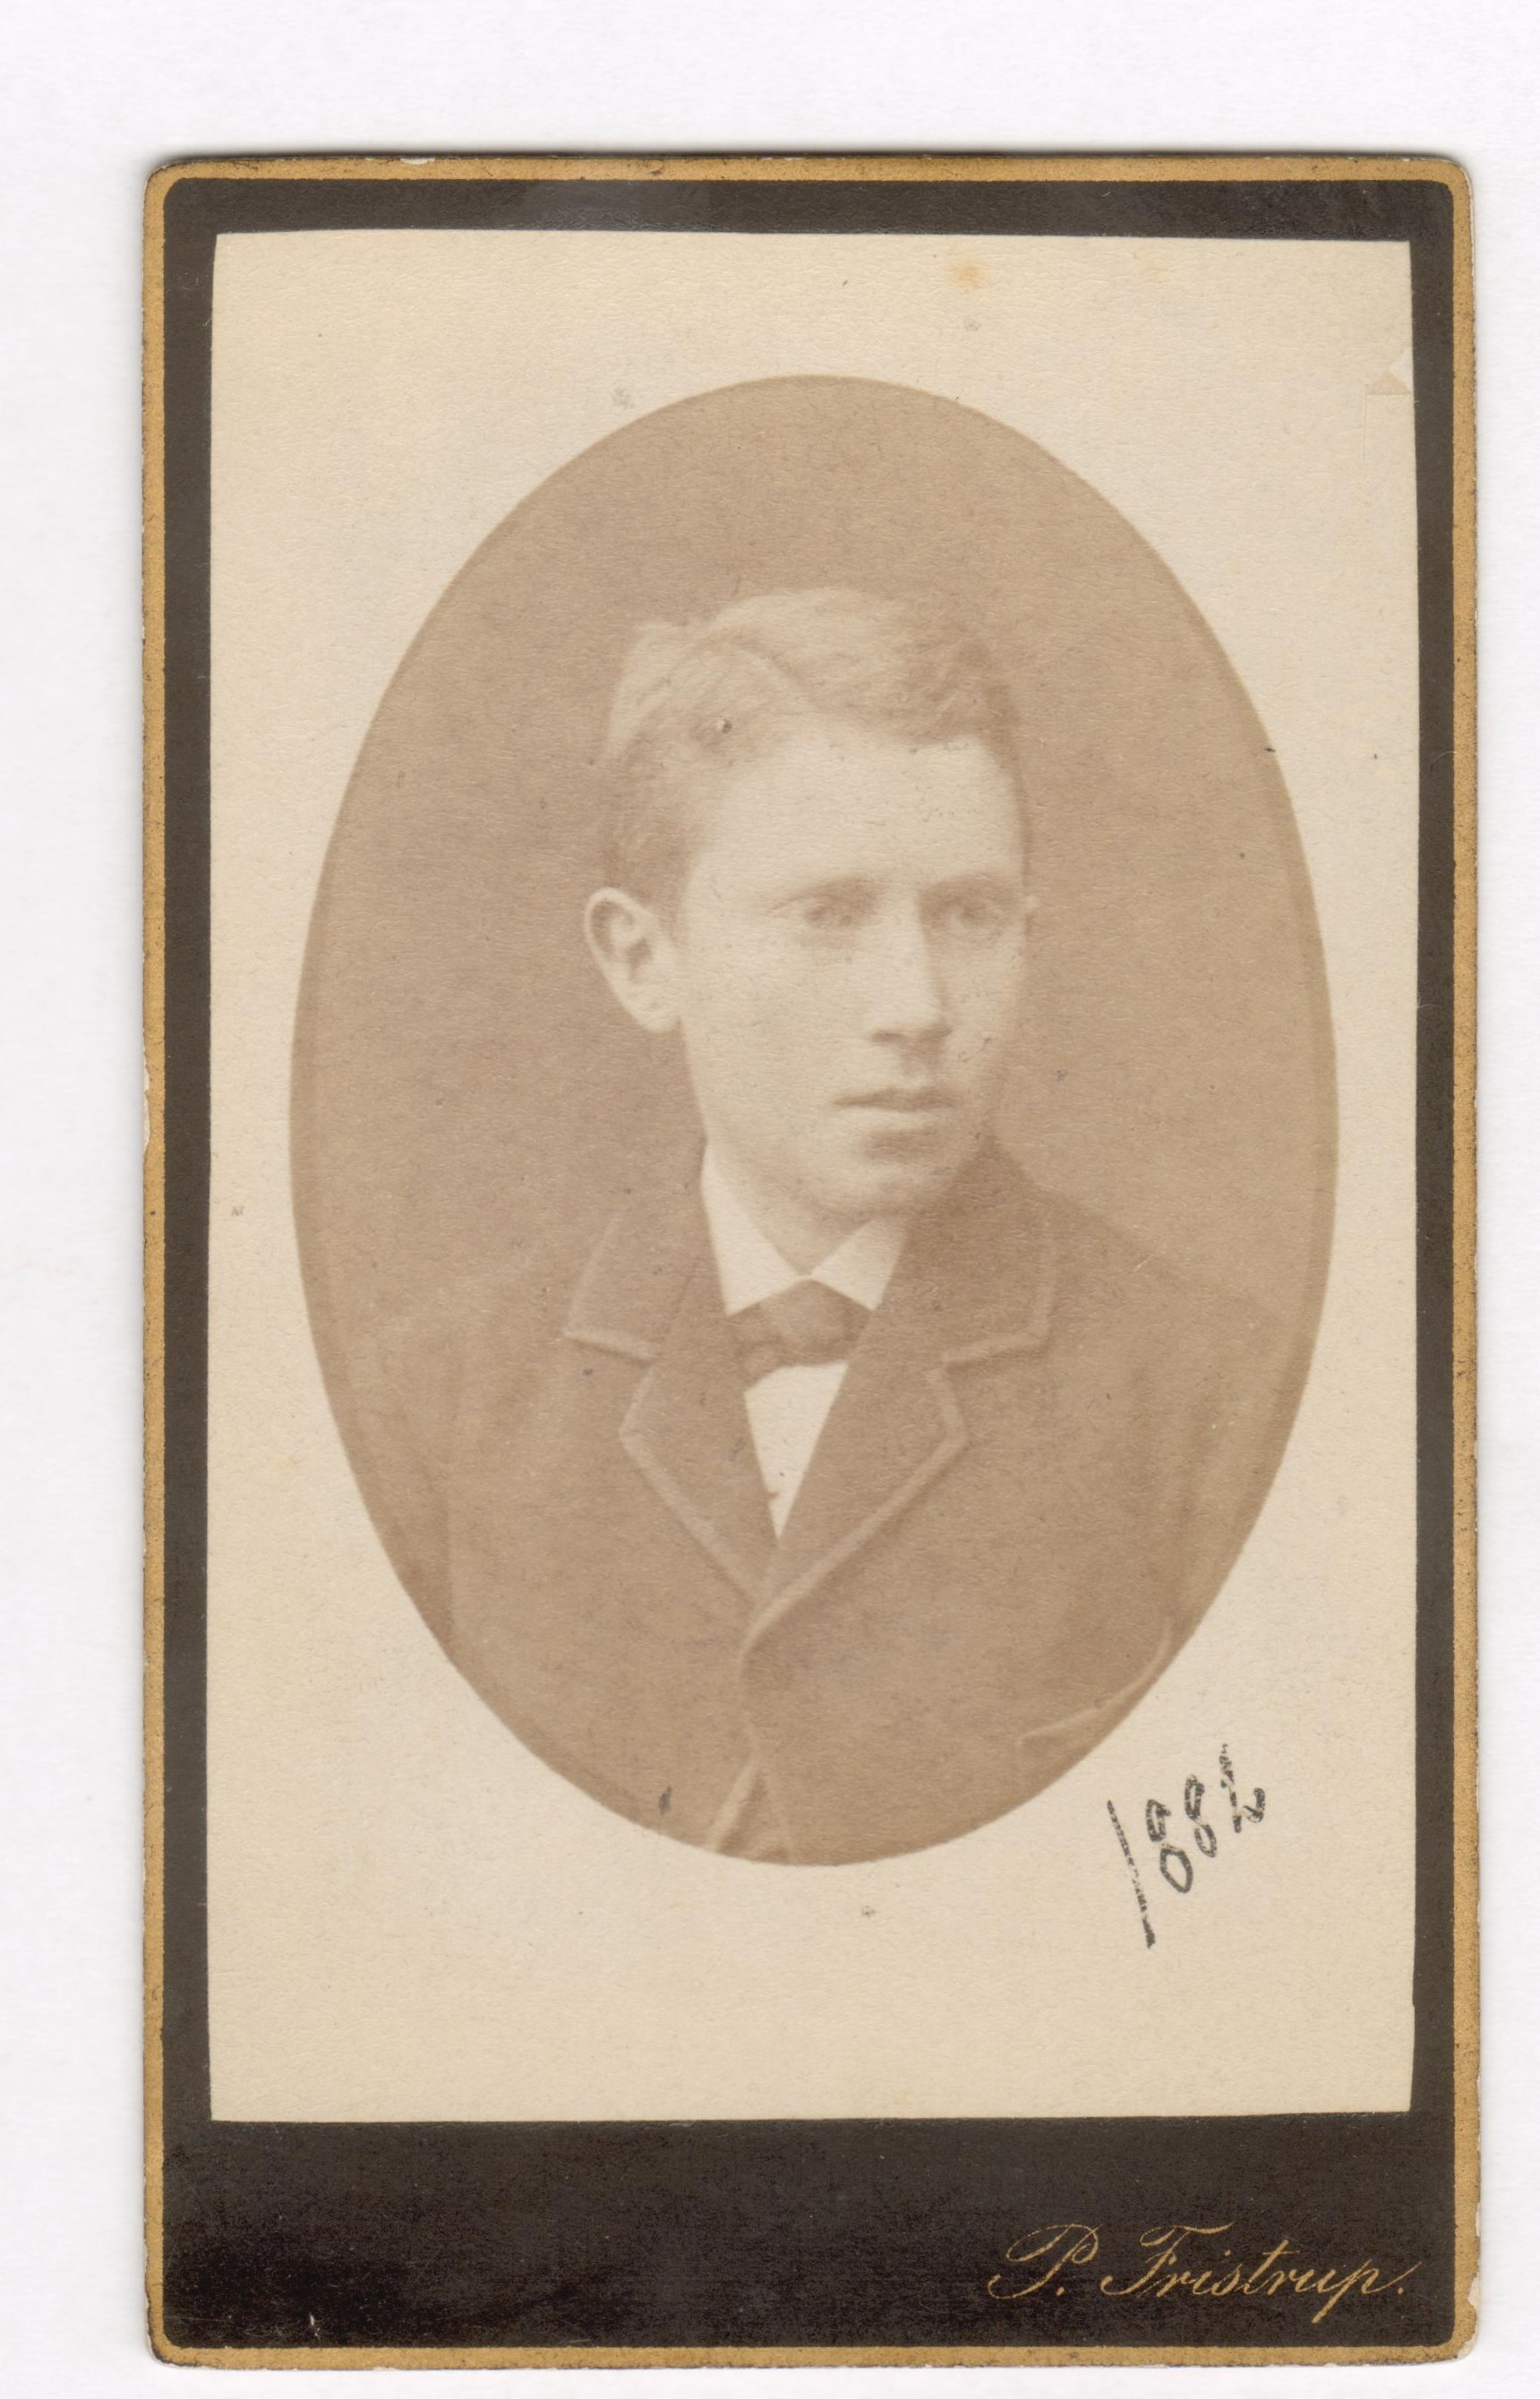 75.58  Oskar Sophus  Borch, f. 13.2 1866, bror til Olaf Georg Borch.  Fotograf P. Fristrup, Købmagergade 9, København Dateret 1882